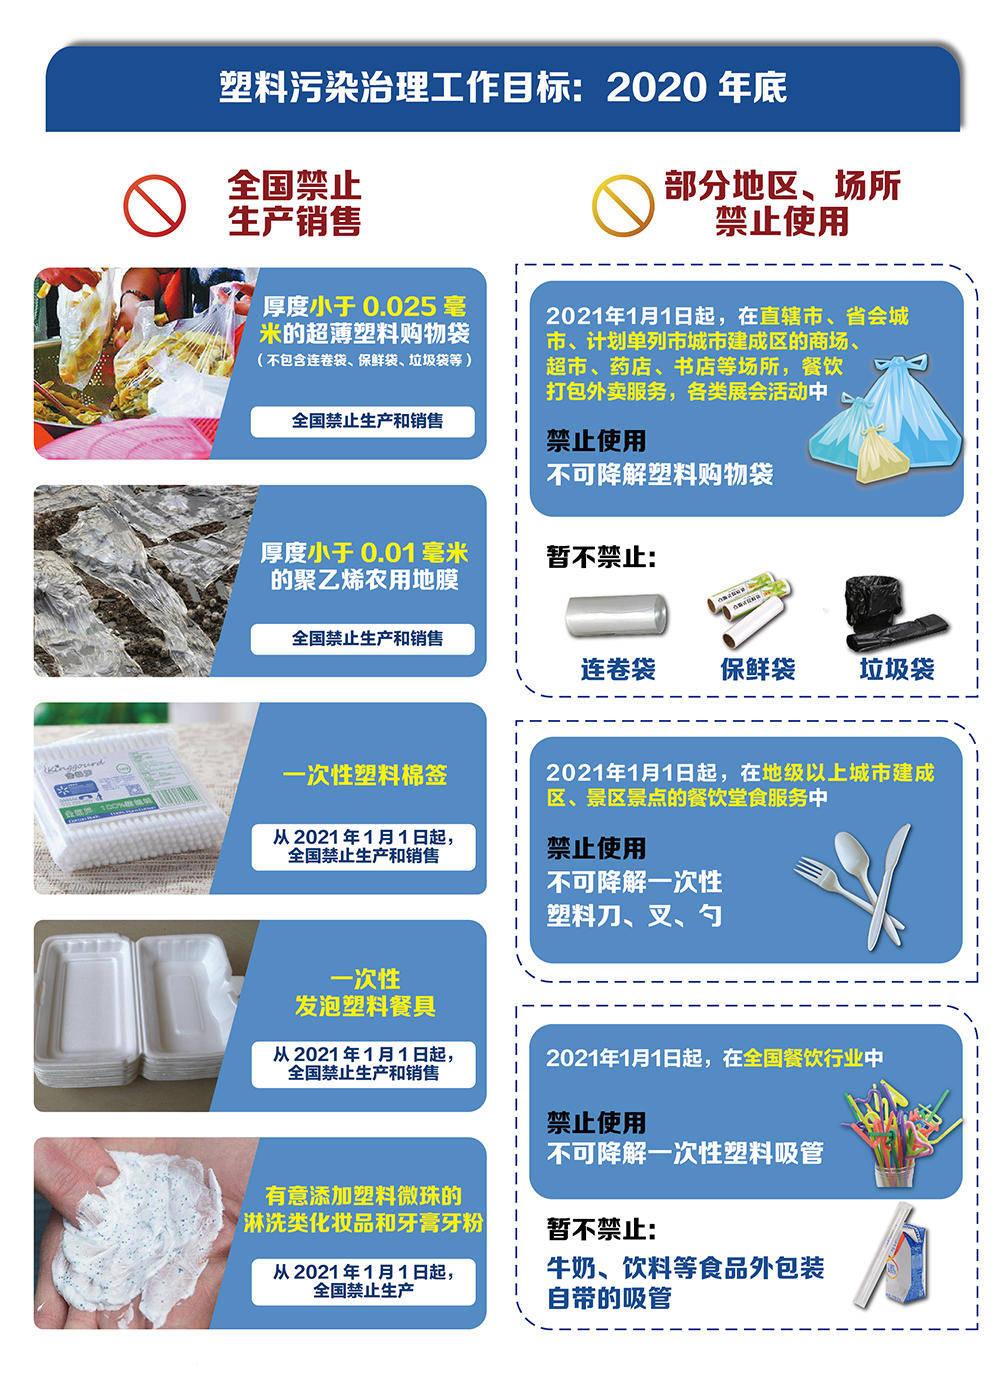 使用可生物降解的塑料袋,放食物垃圾时是否还需要